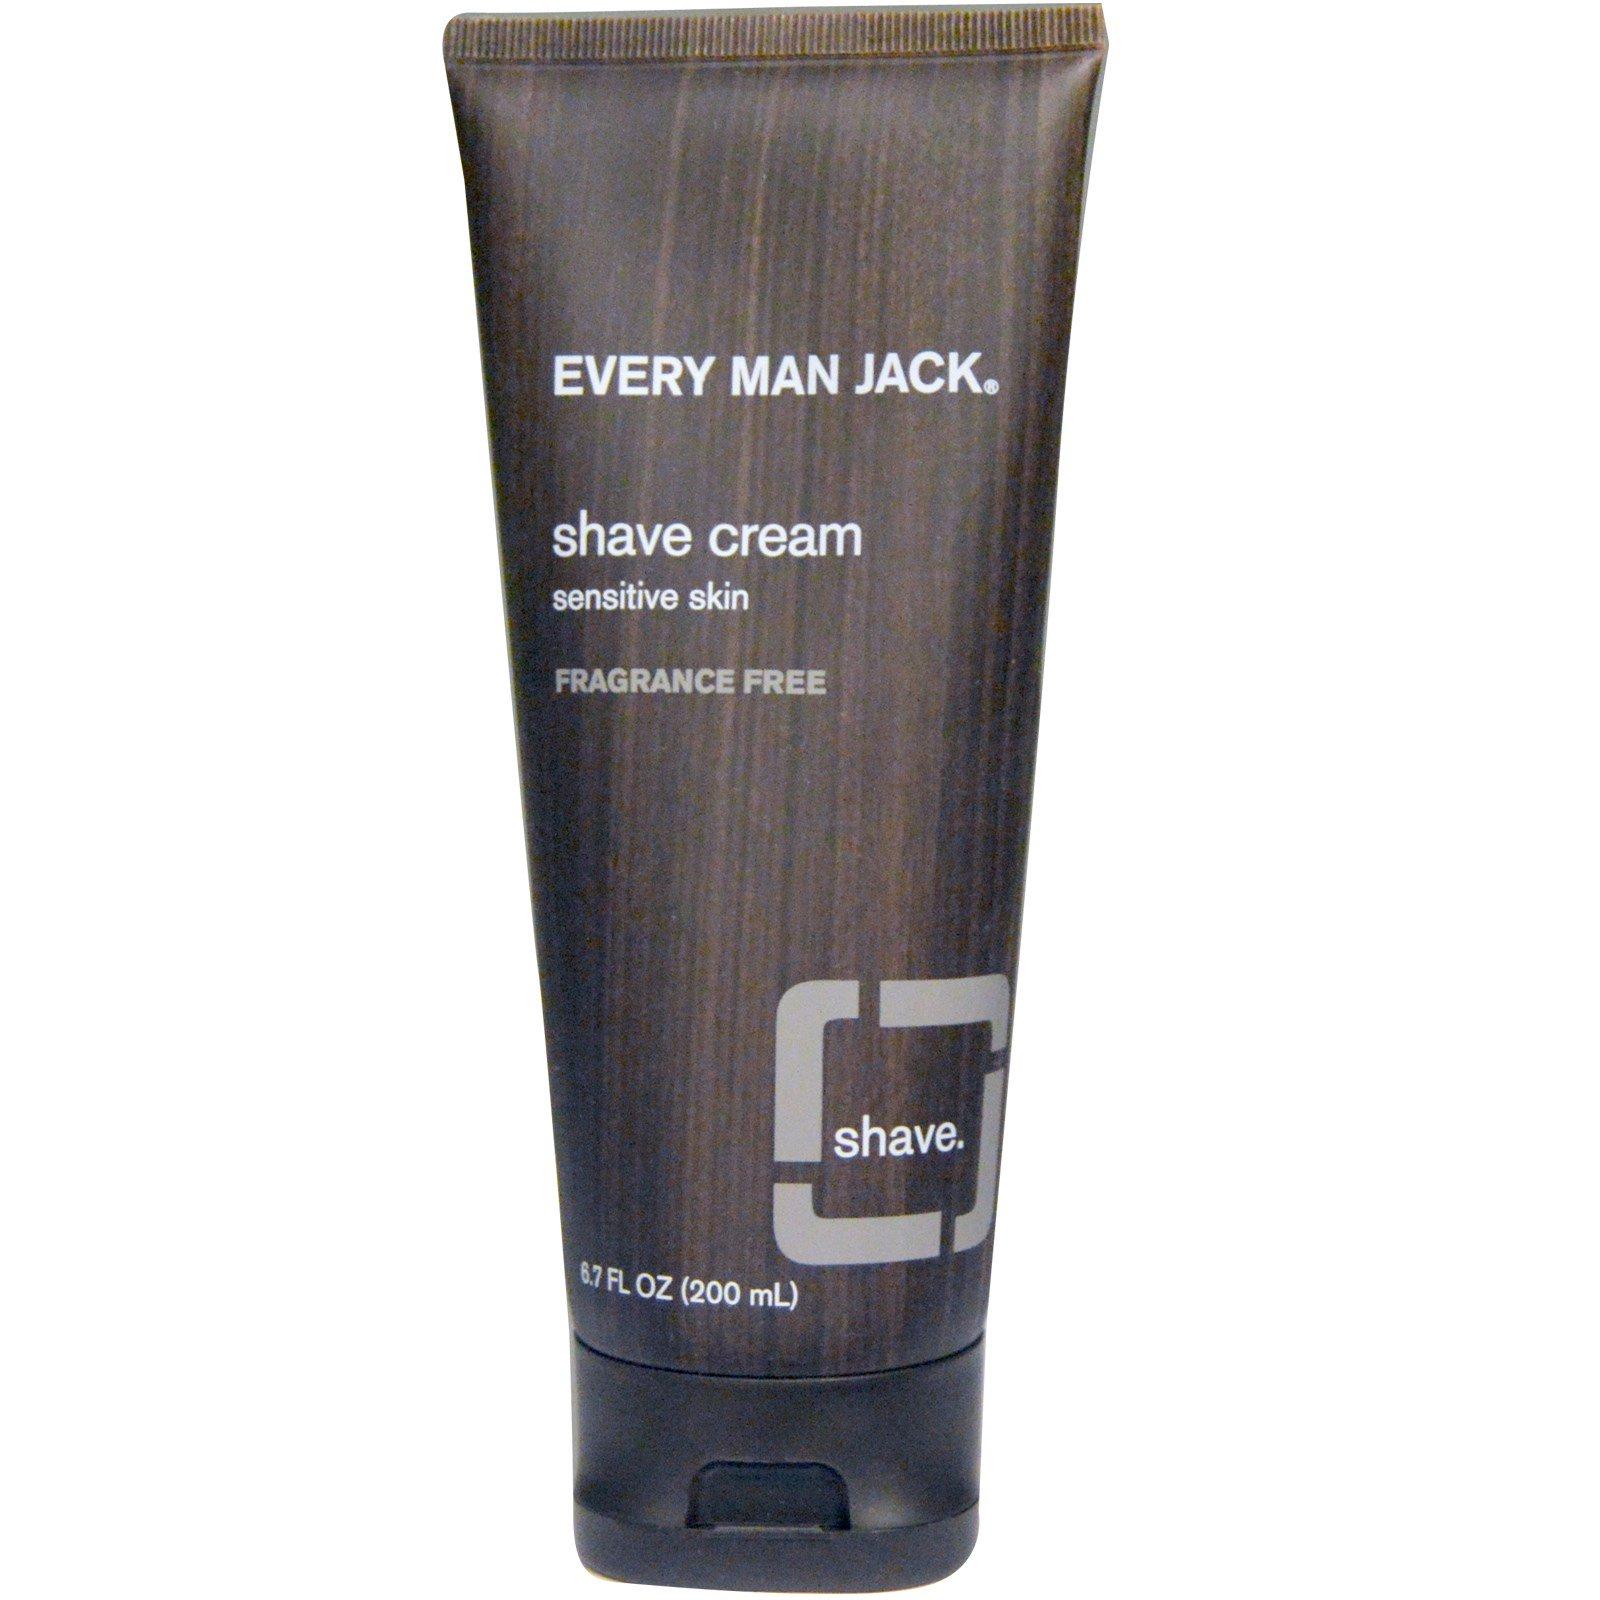 Every Man Jack, Крем для бритья, для чувствительной кожи, без отдушек, 200 мл (6,7 жидких унций )